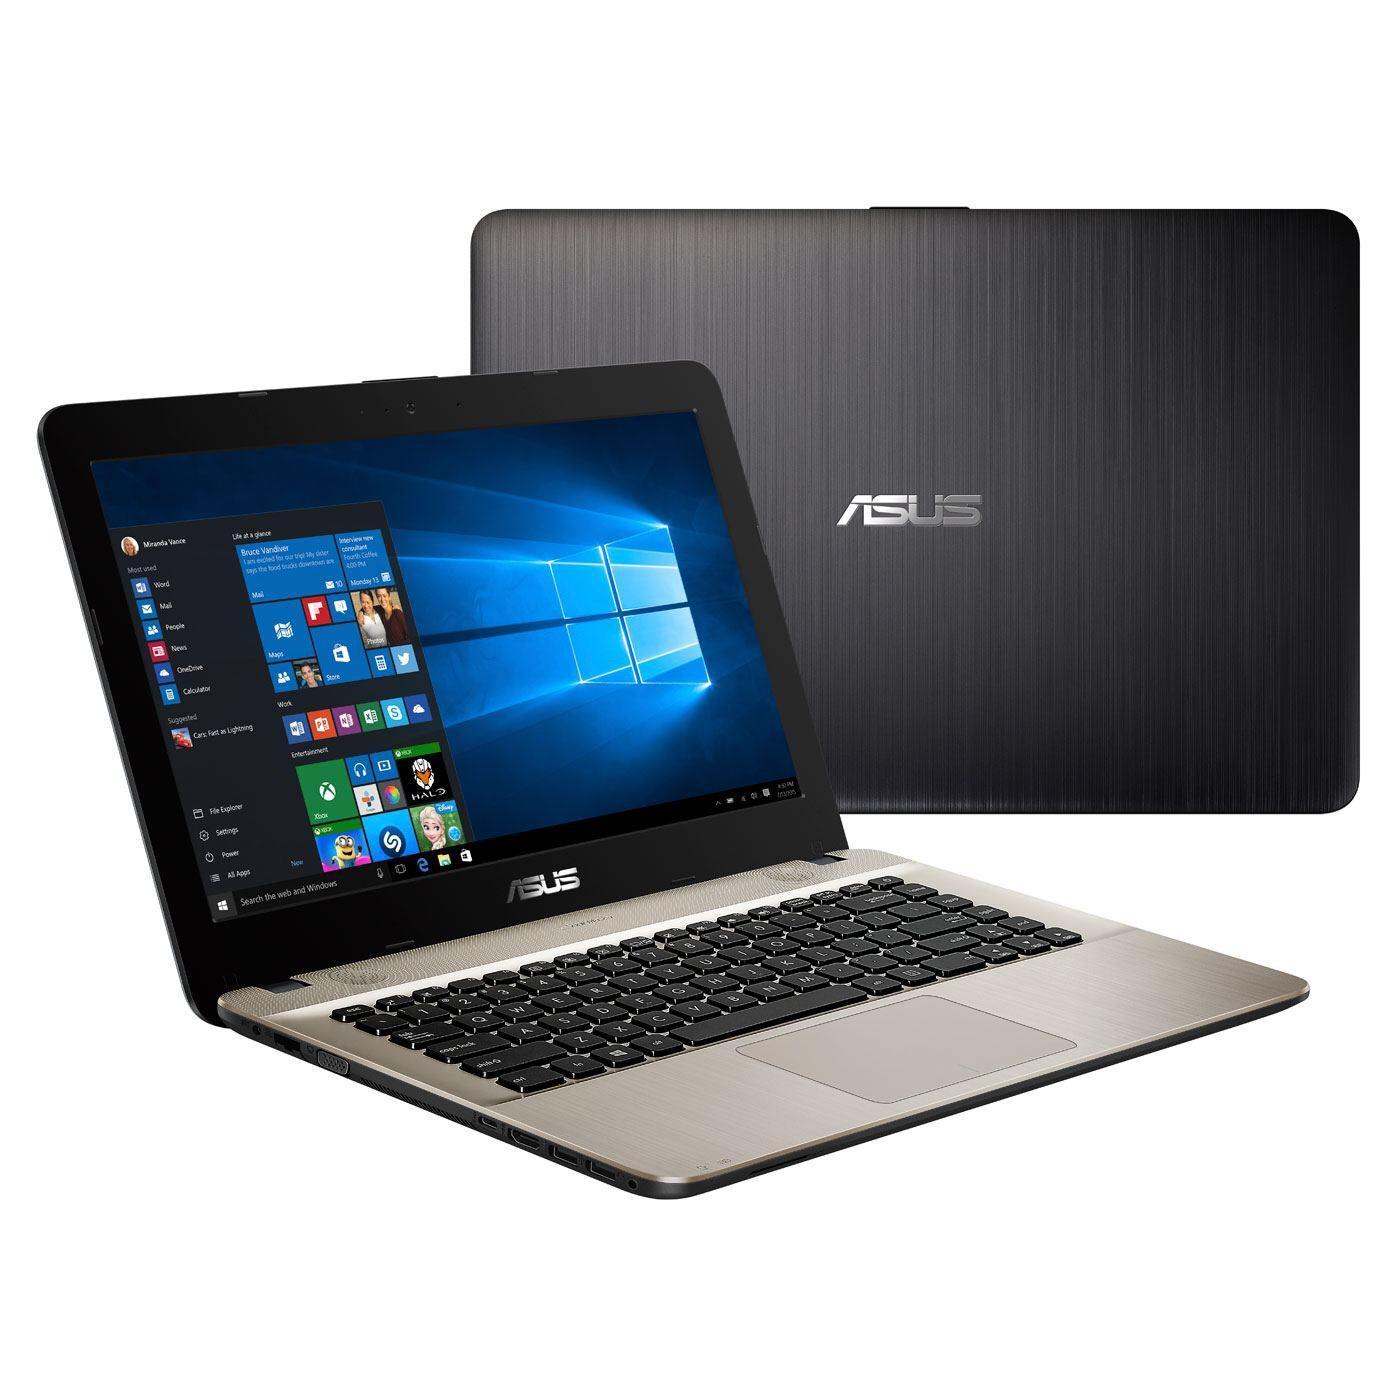 """PC portable 14"""" Asus X455LA-WX470T (i3-5005U, 4 Go de RAM, 500 Go)"""